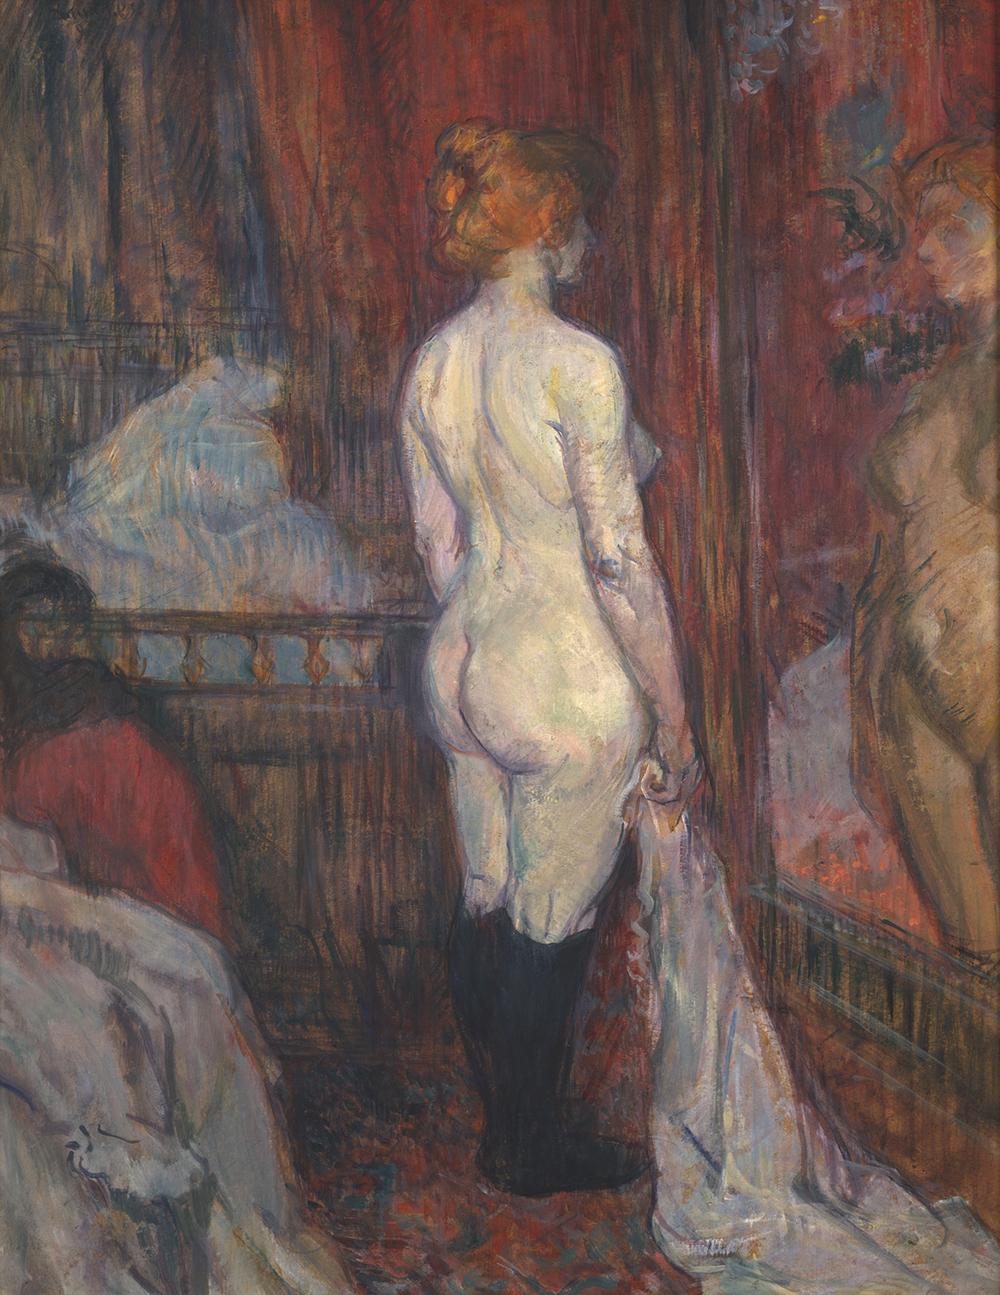 Woman Before a Mirror, by Henri de Toulouse-Lautrec, 1897.